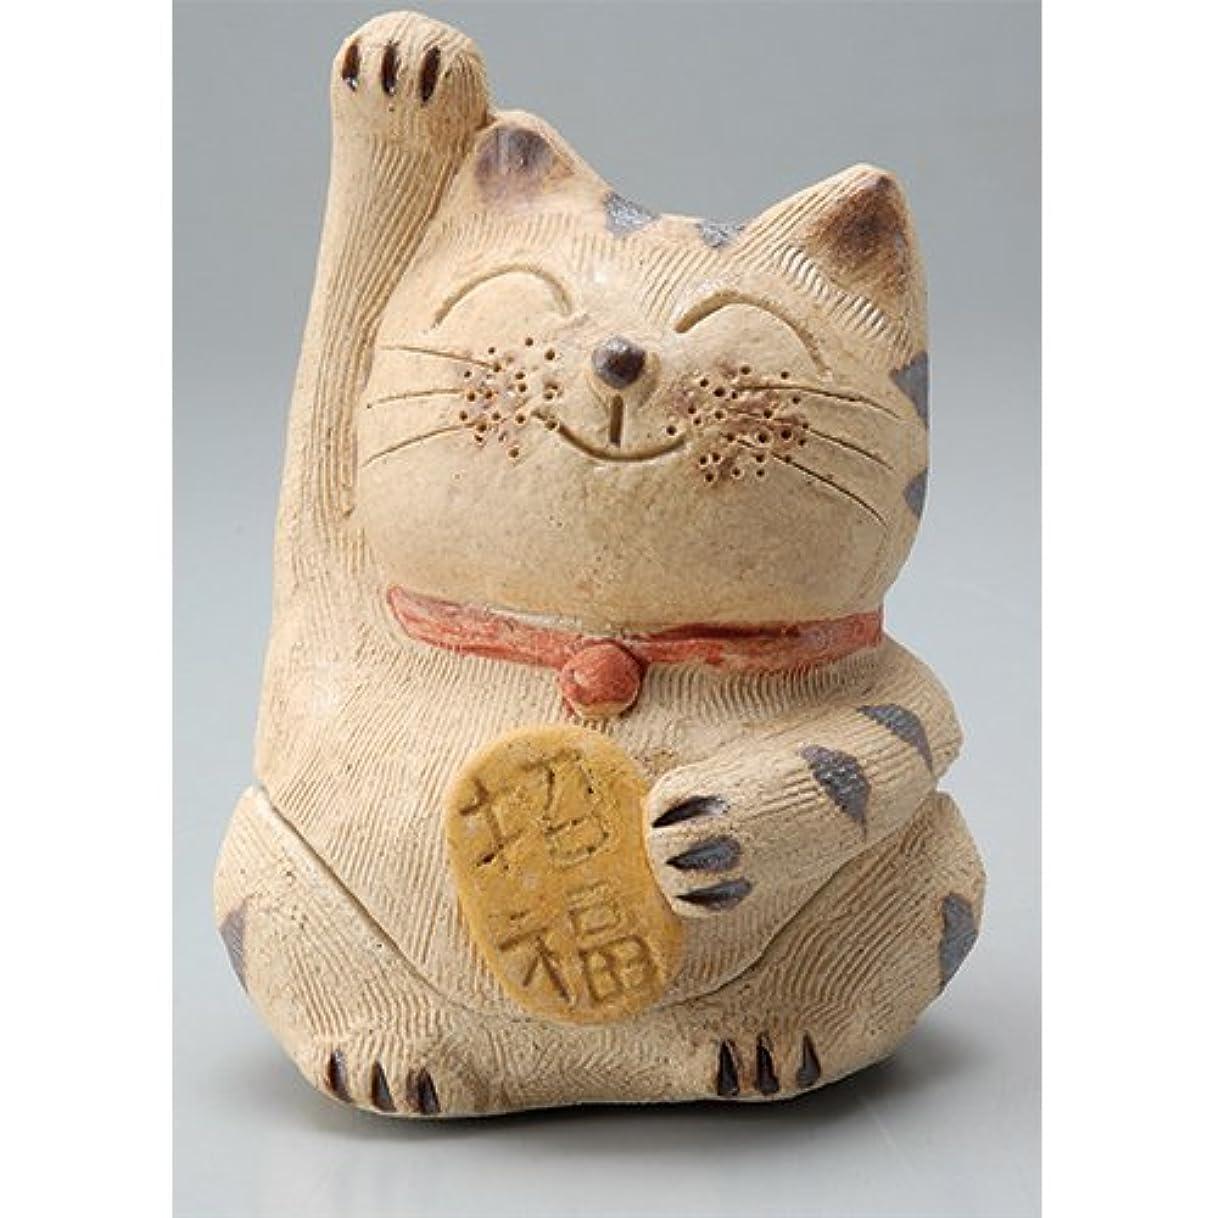 アルミニウム私のケープ香炉 微笑み招き猫(お金招き)香炉(中) [H14cm] HANDMADE プレゼント ギフト 和食器 かわいい インテリア